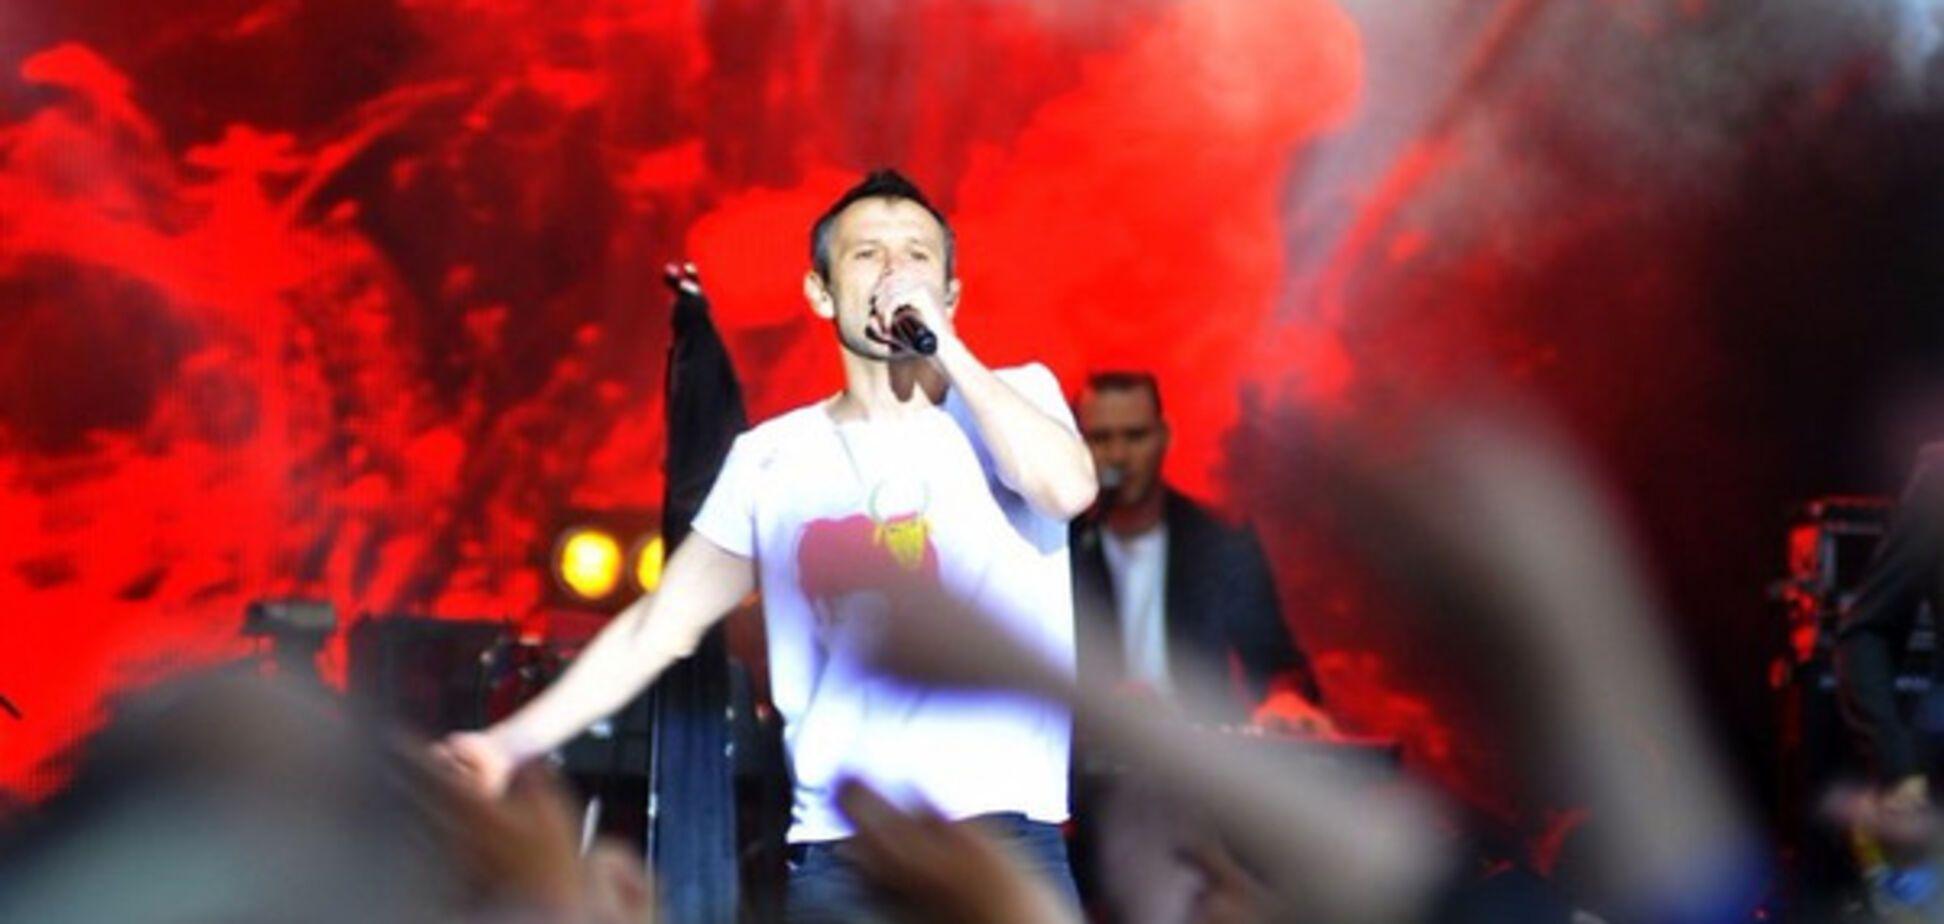 'Будьте впевненими і разом': Вакарчук присвятив пісню жертвам теракту в Манчестері